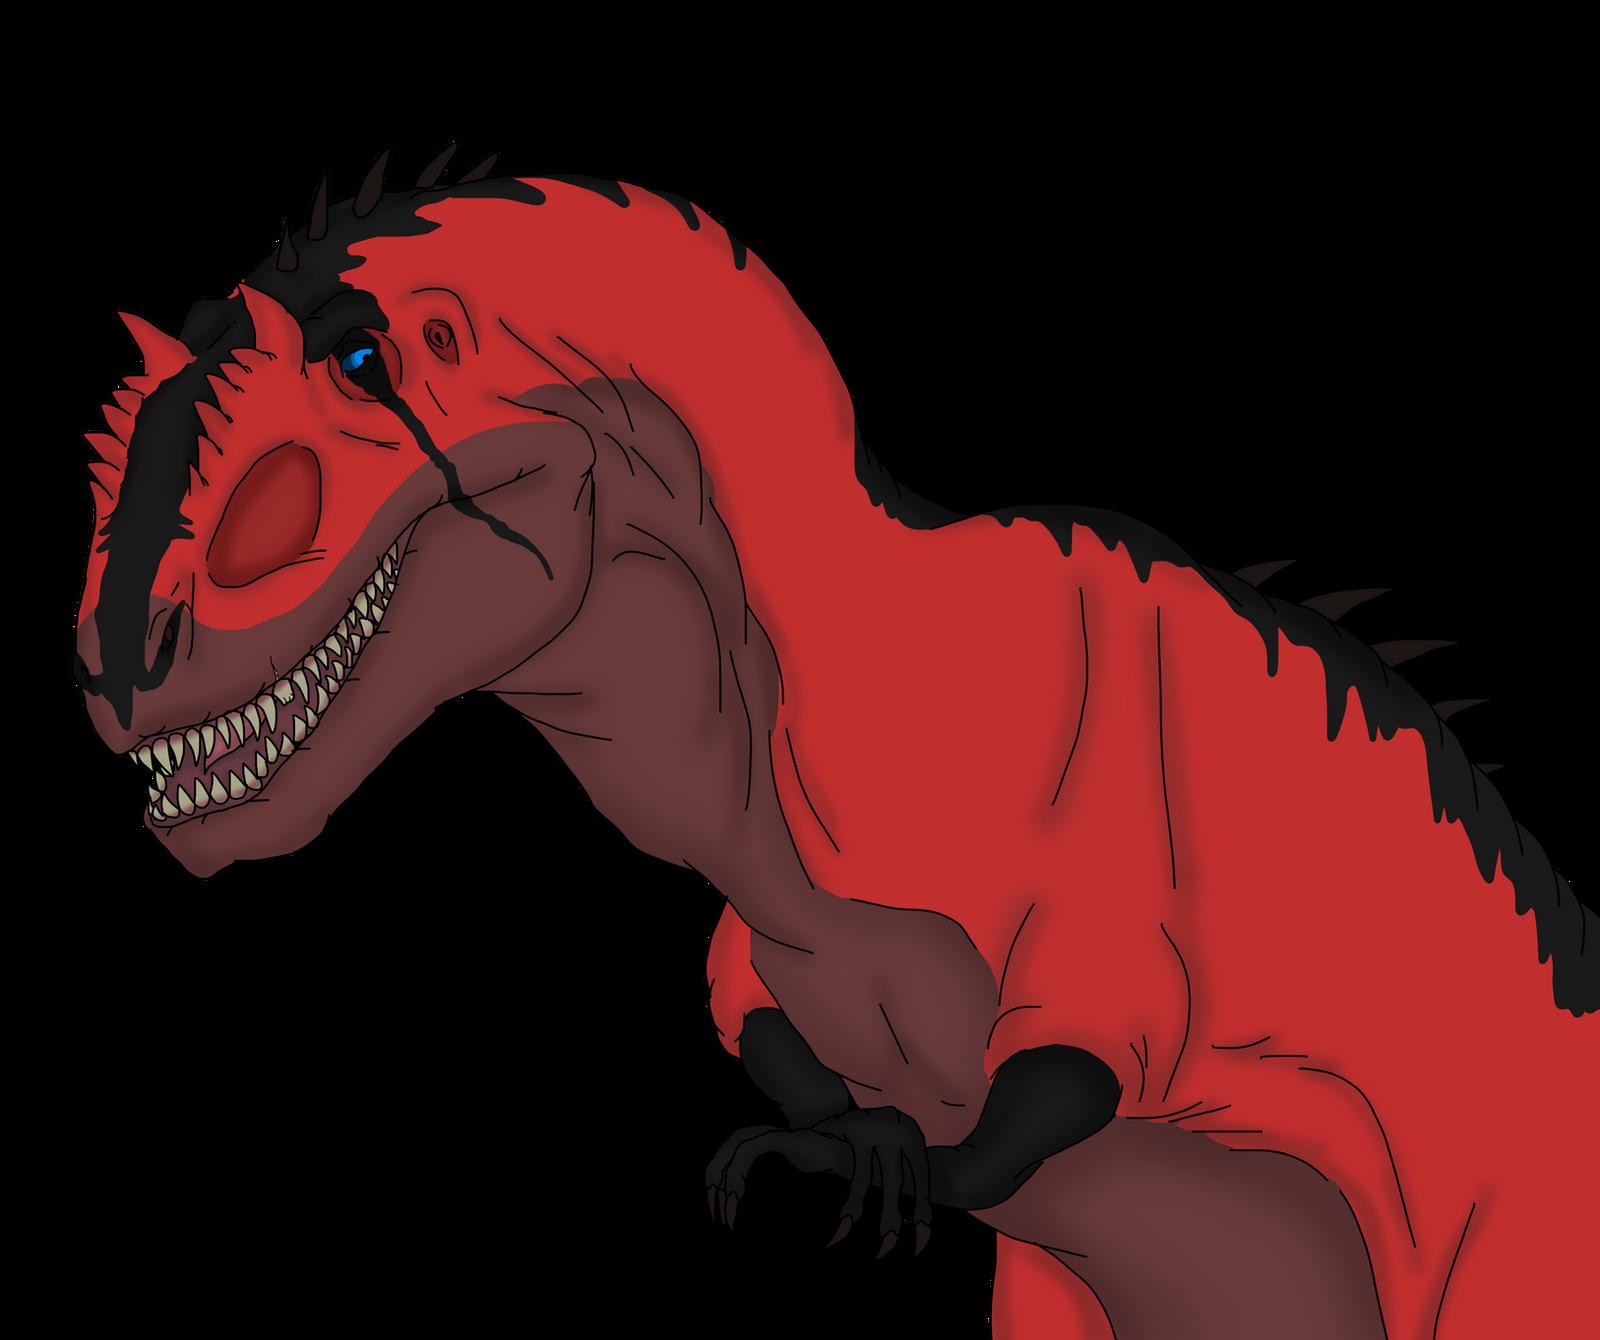 Dinosona again by Redspets